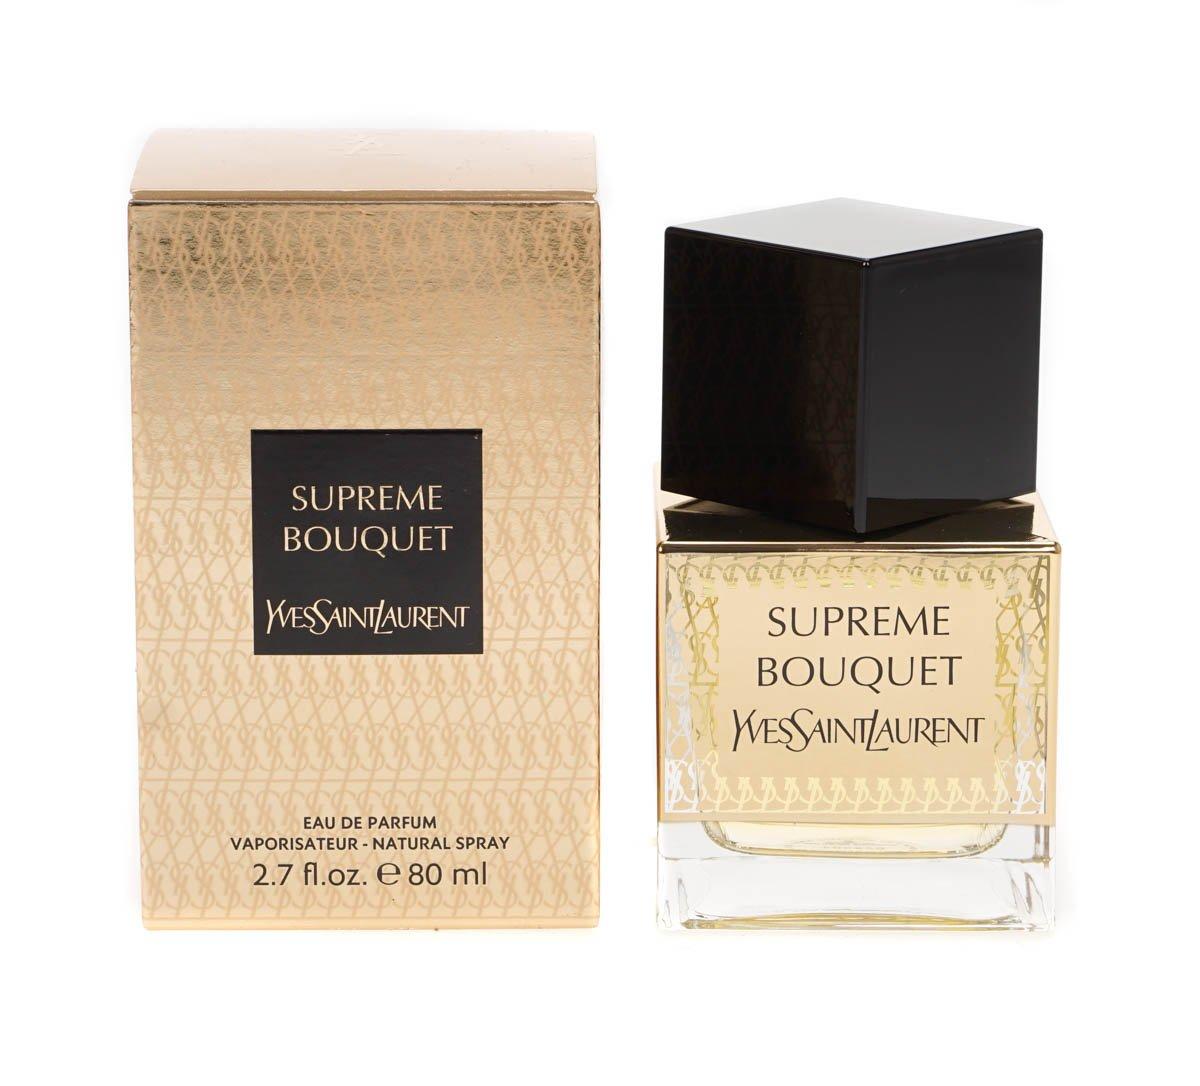 Supreme Saint De 80 Spray Parfum Eau Bouquet Ml Yves Laurent Damen VzpSUM